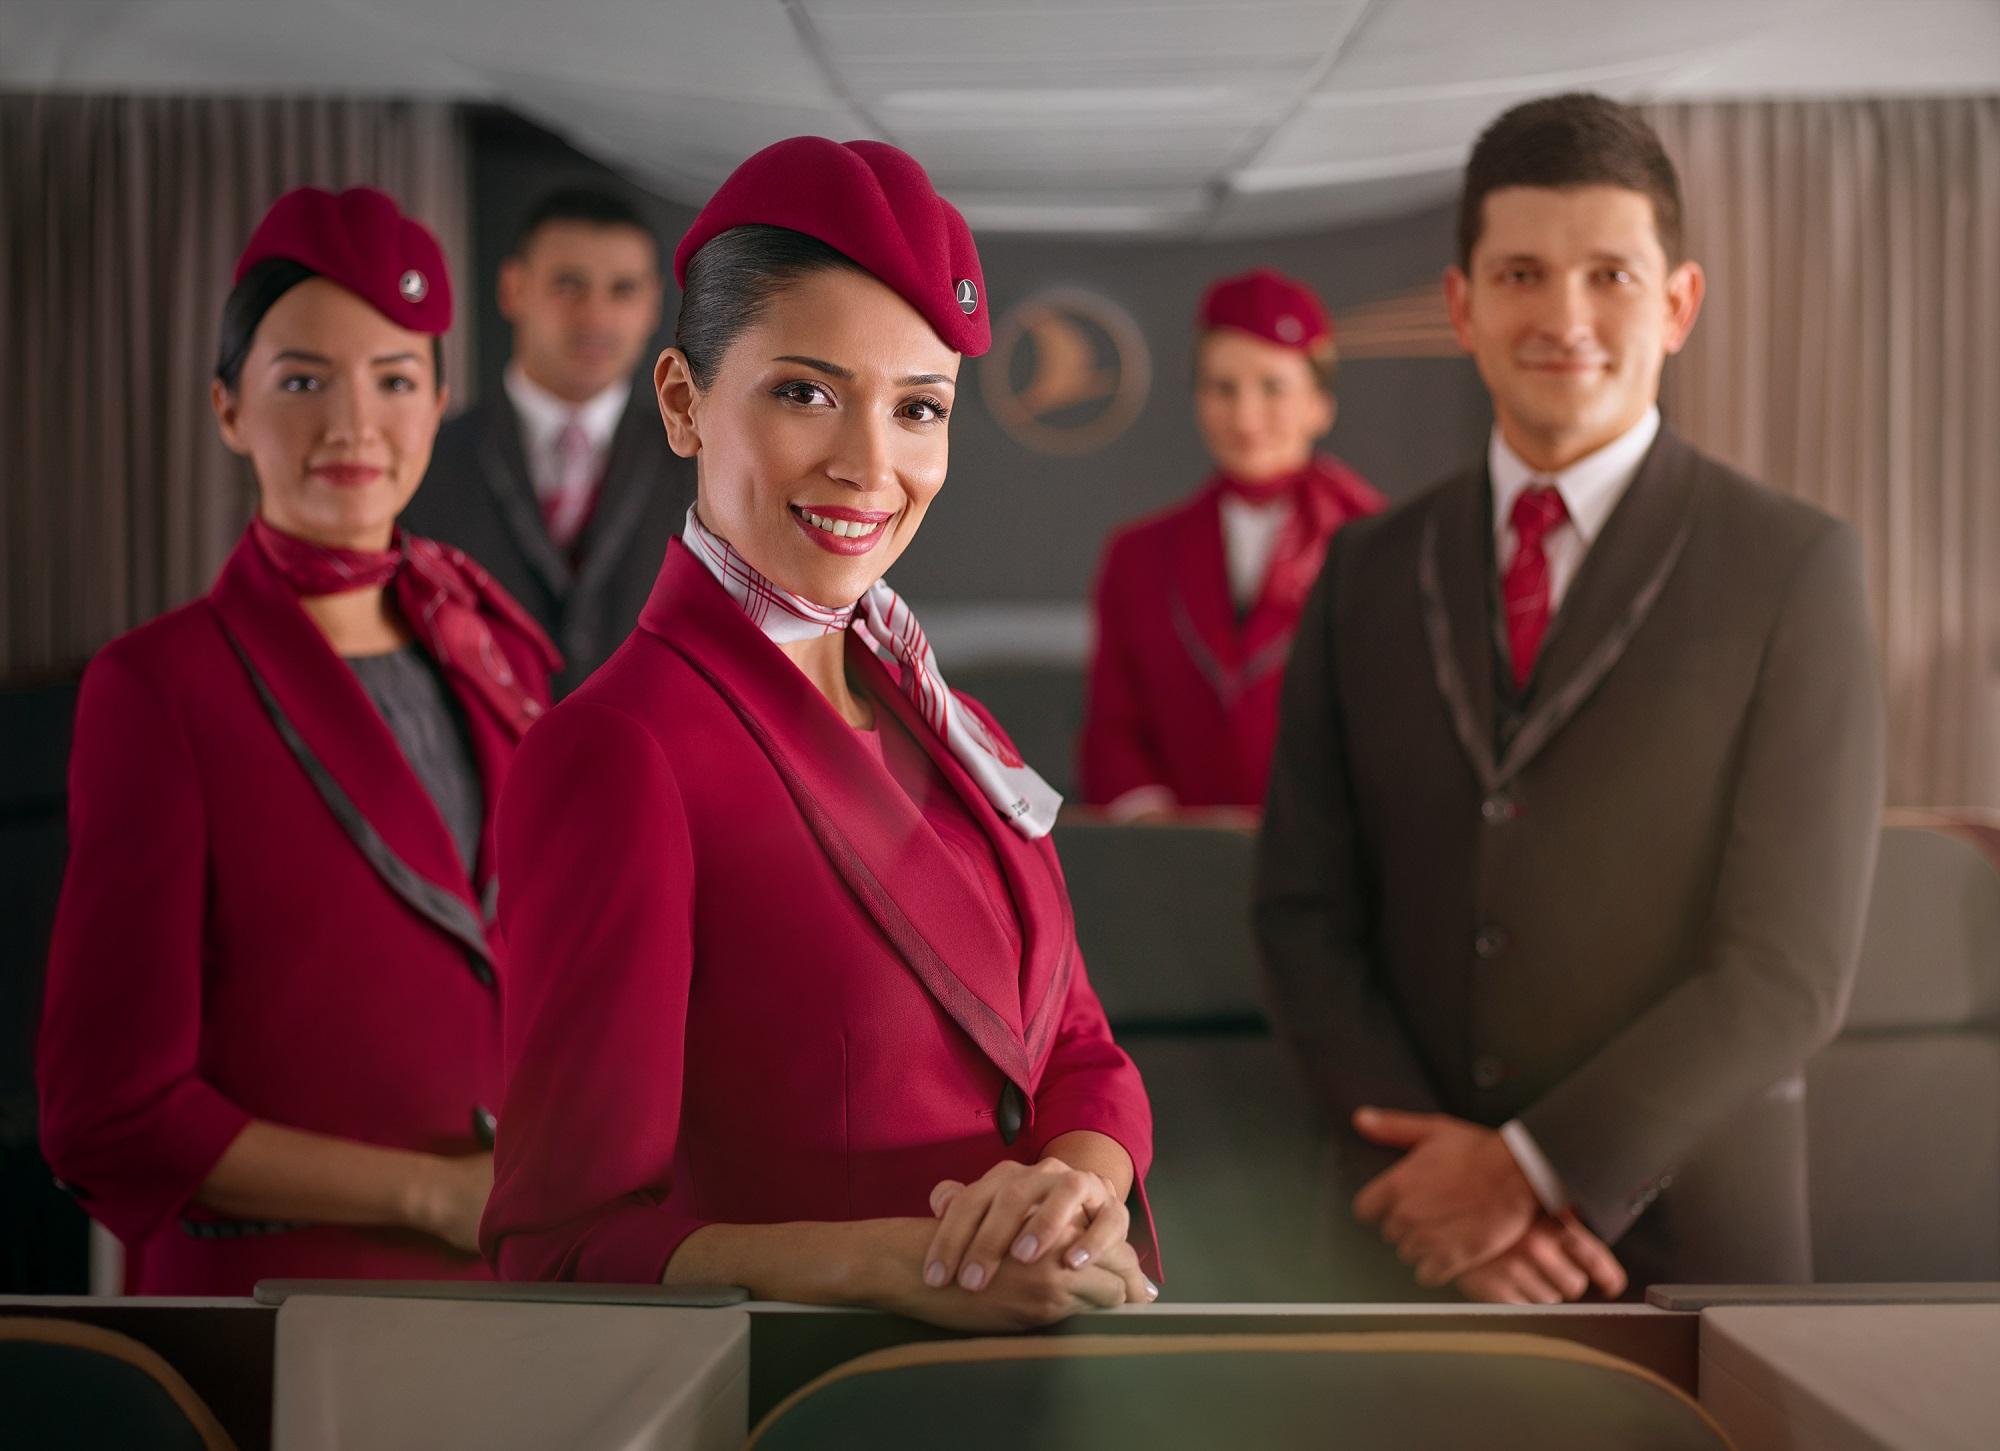 Turkish Airlines lanza nuevos uniformes para su tripulación de cabina